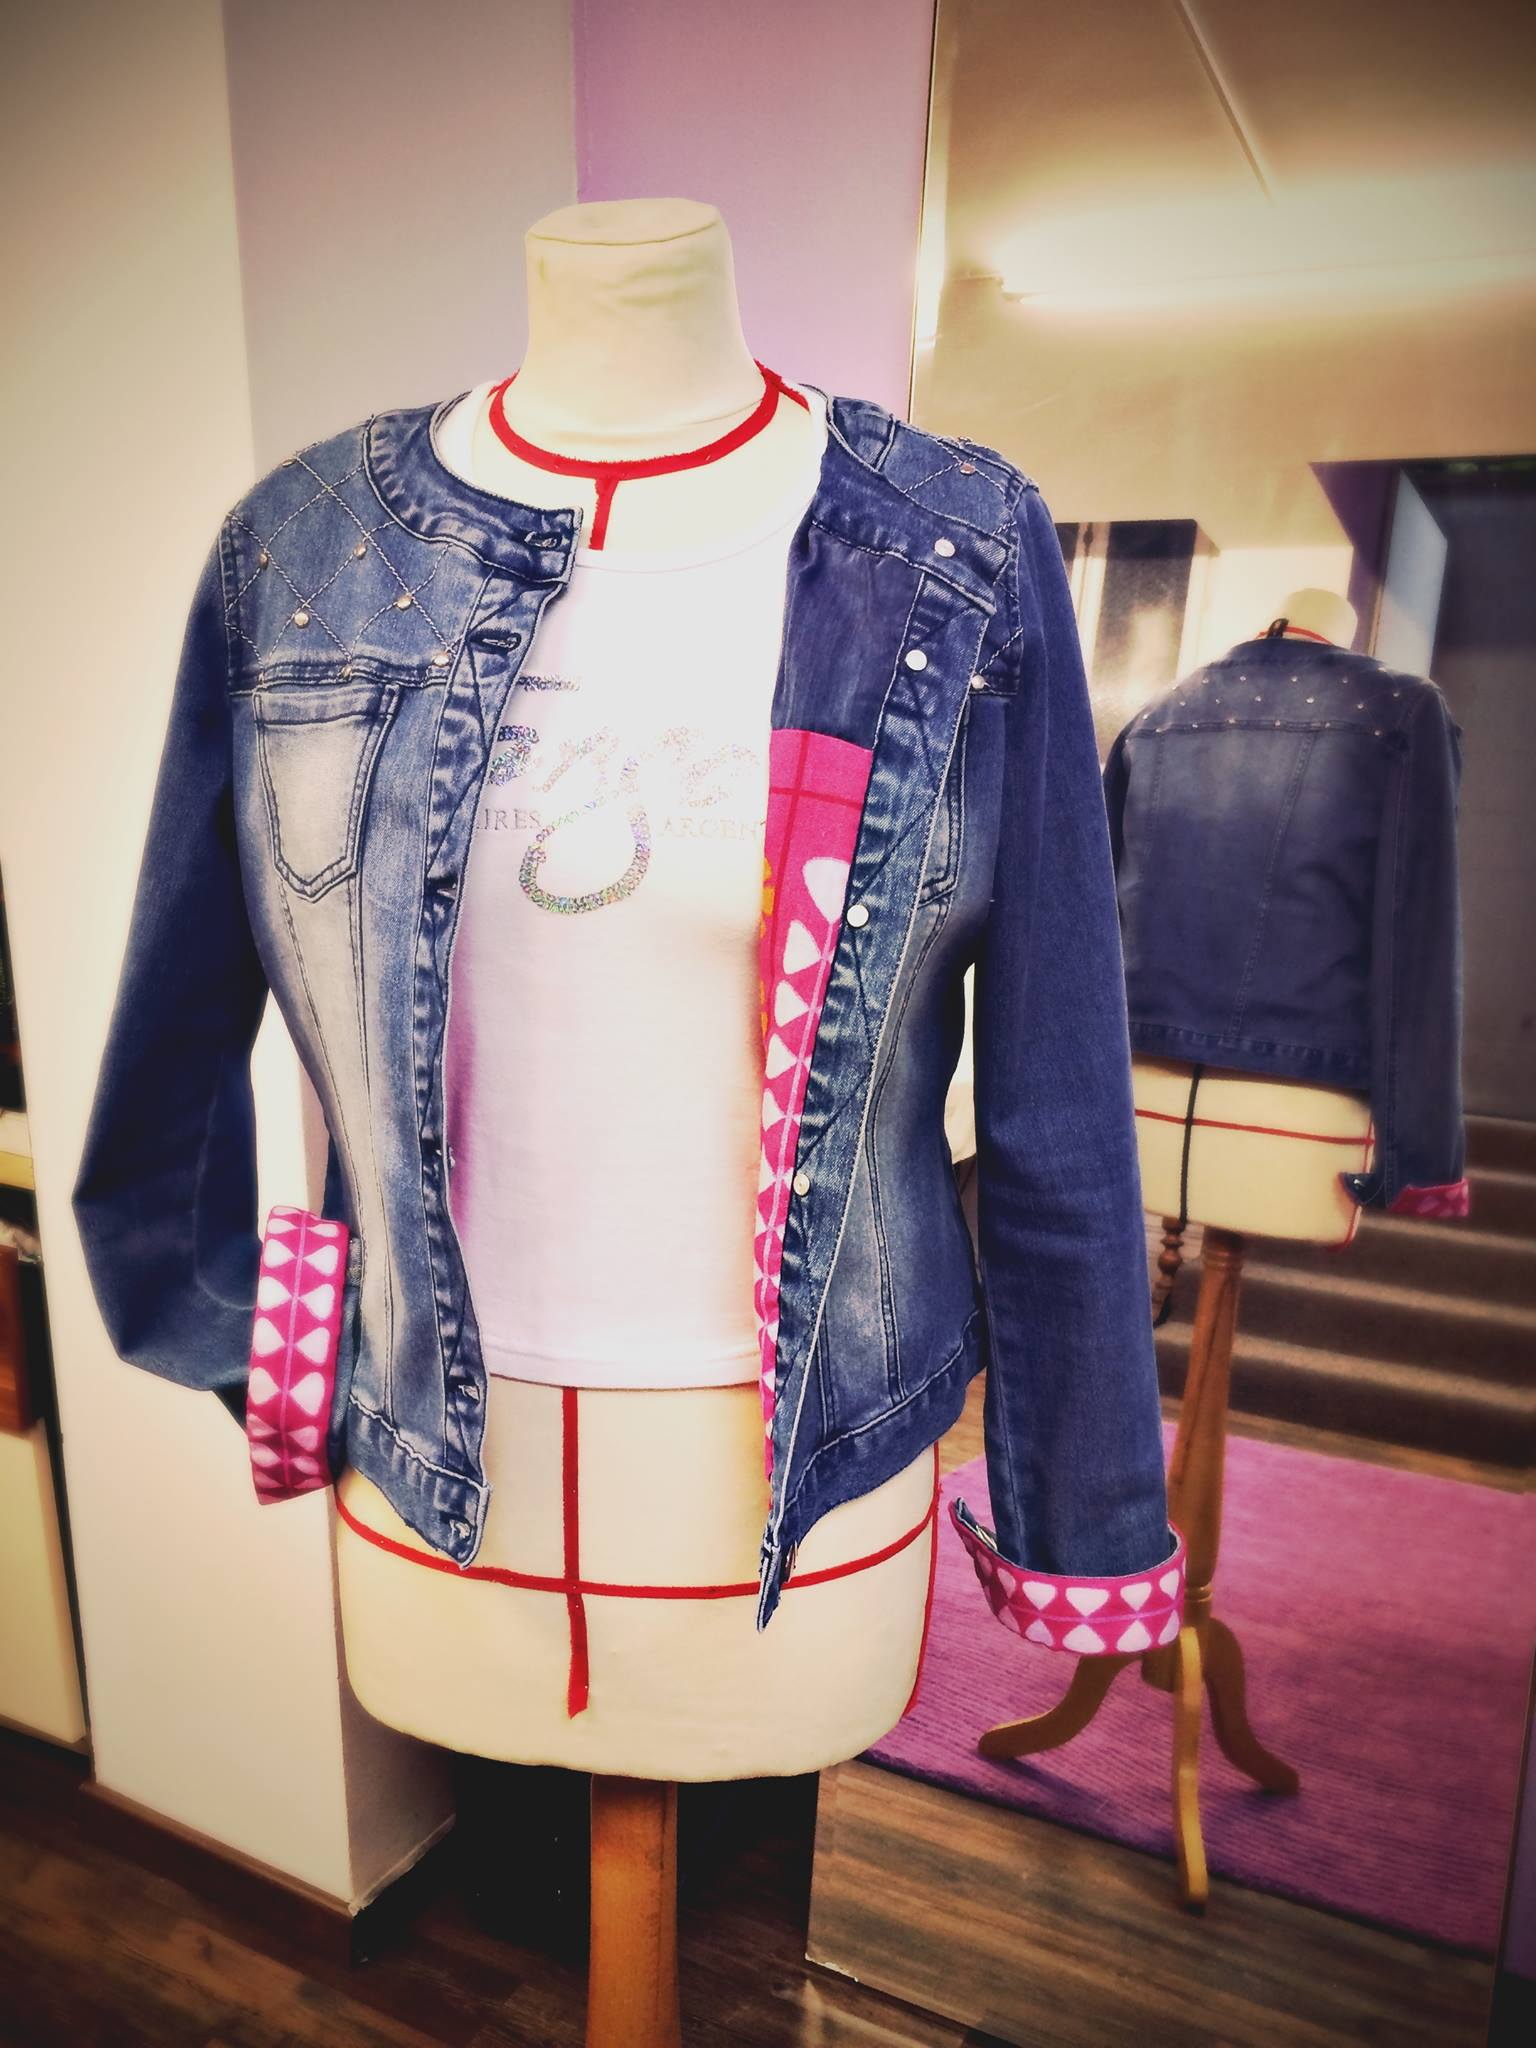 Custom sur veste en jeans